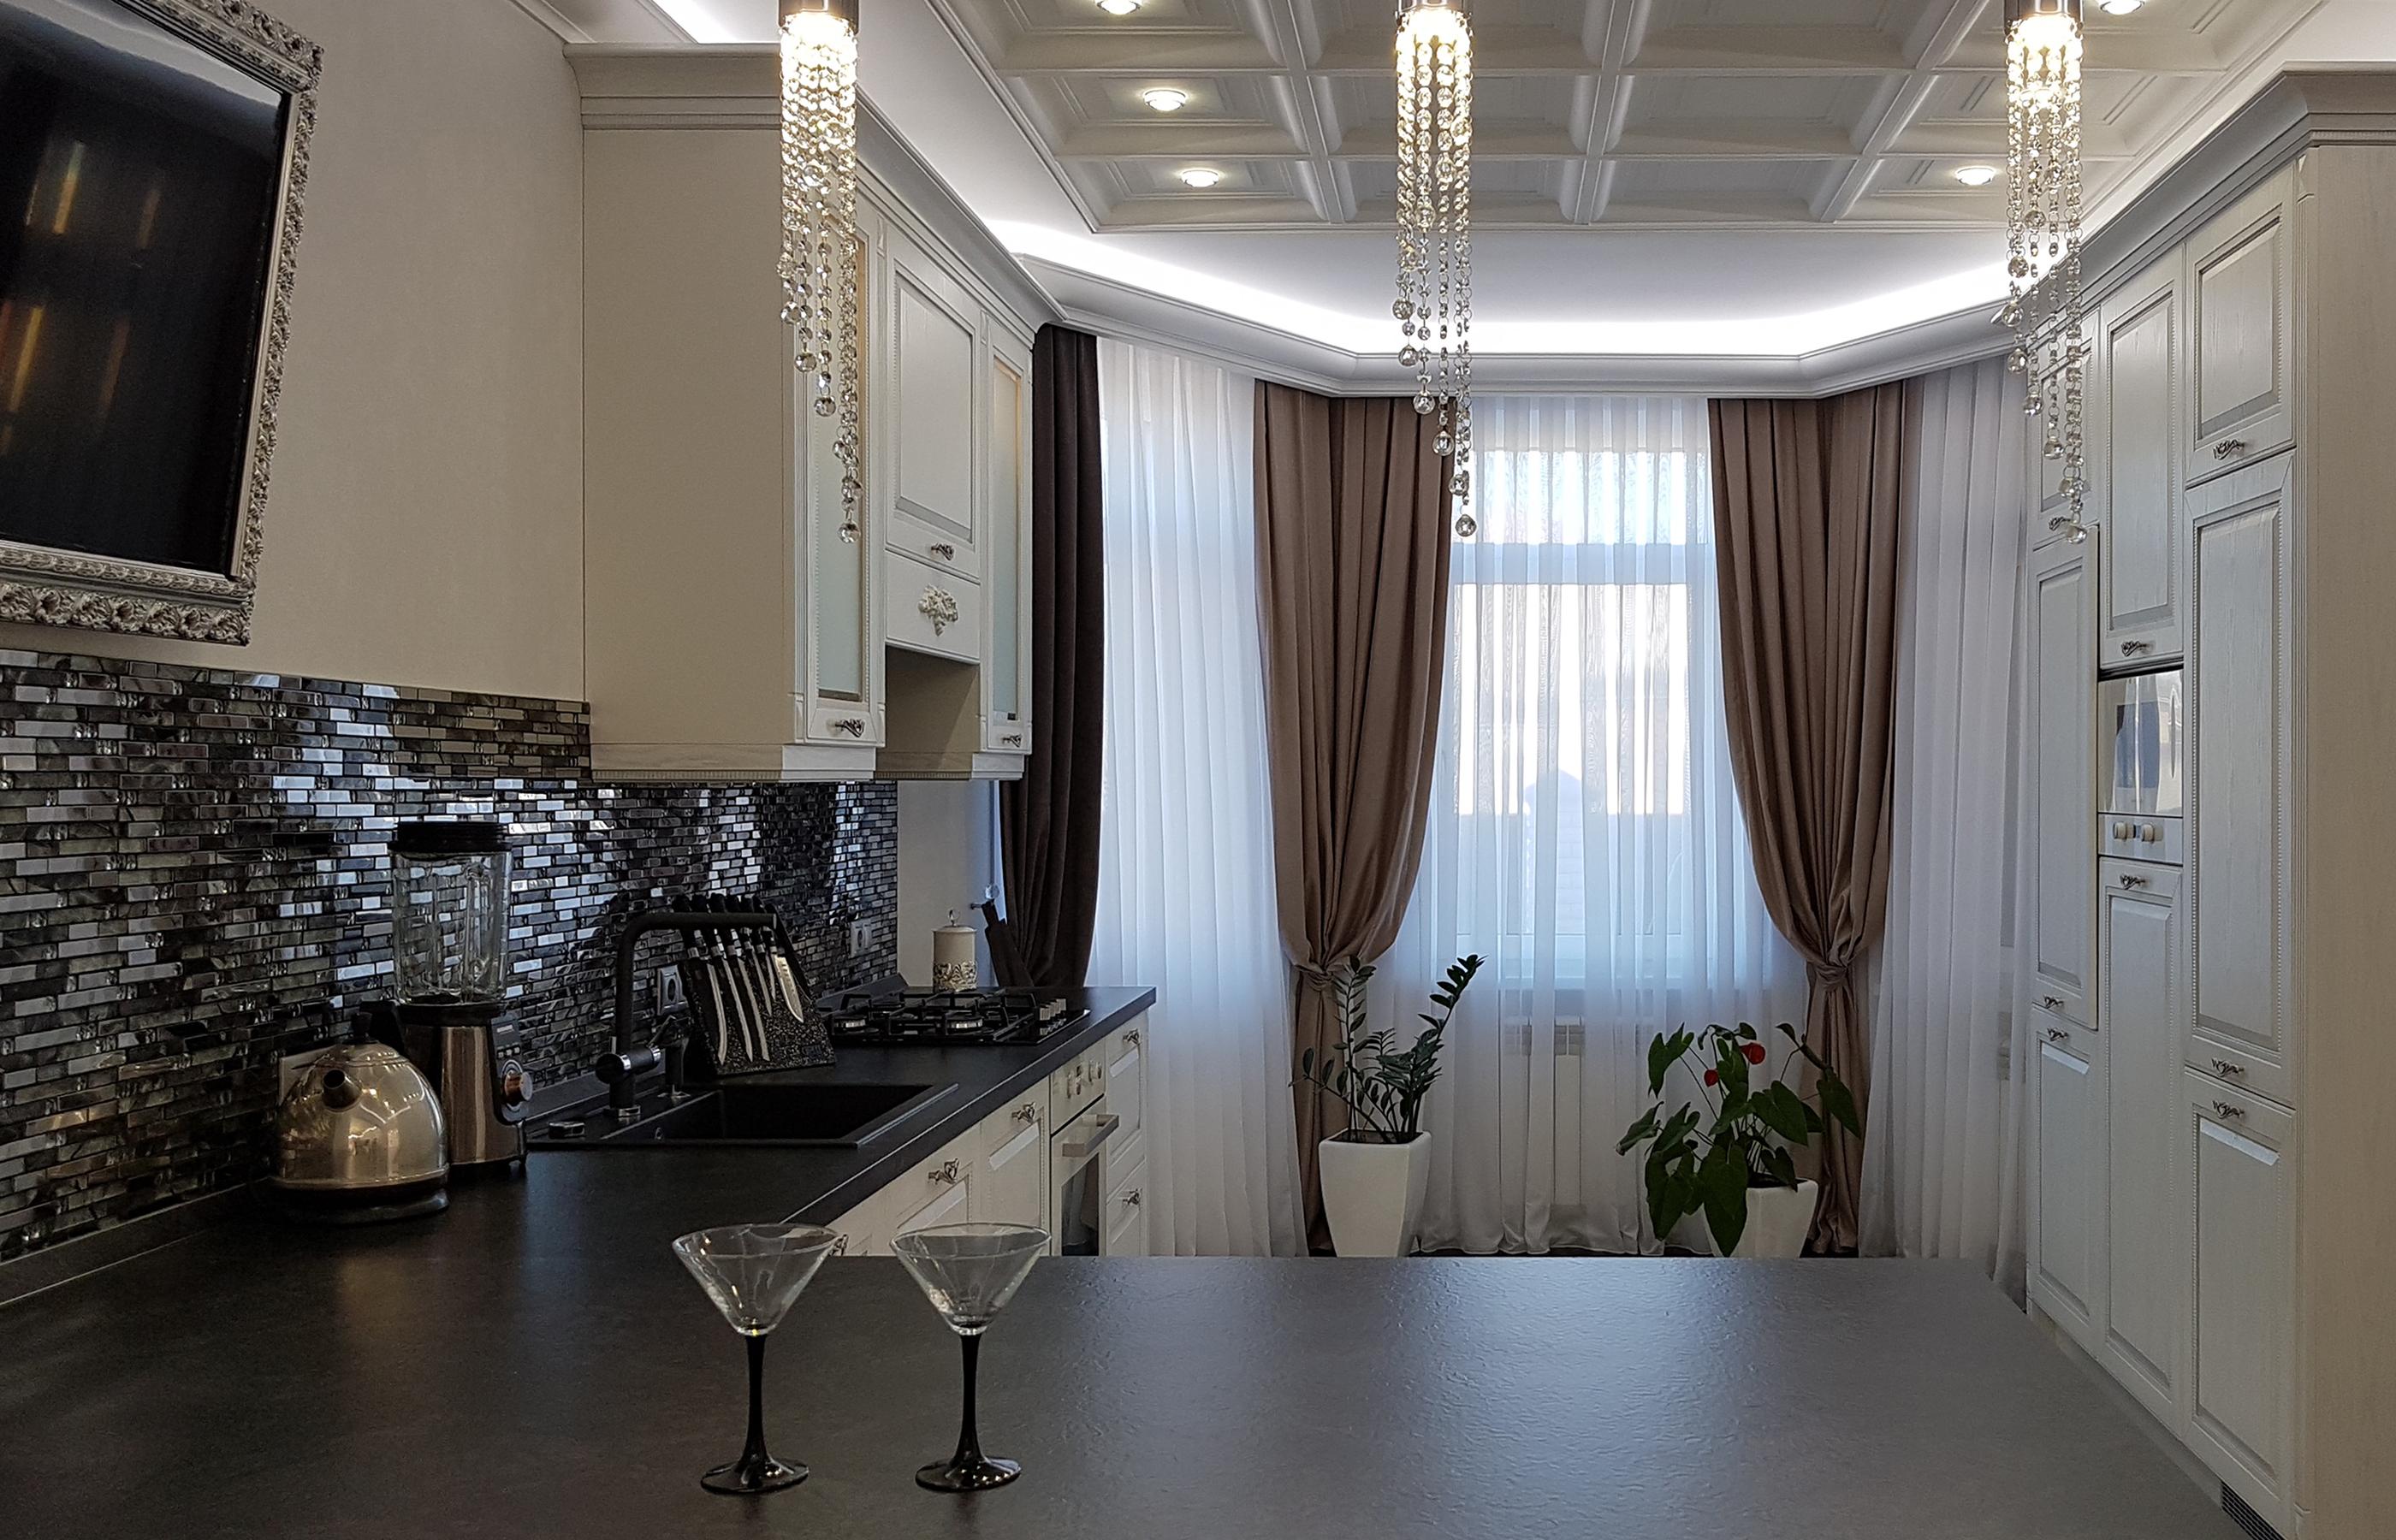 Стеклянная мозаика тонко оттеняет белоснежные, с серебристым патинирование фасады кухонных шкафчиков